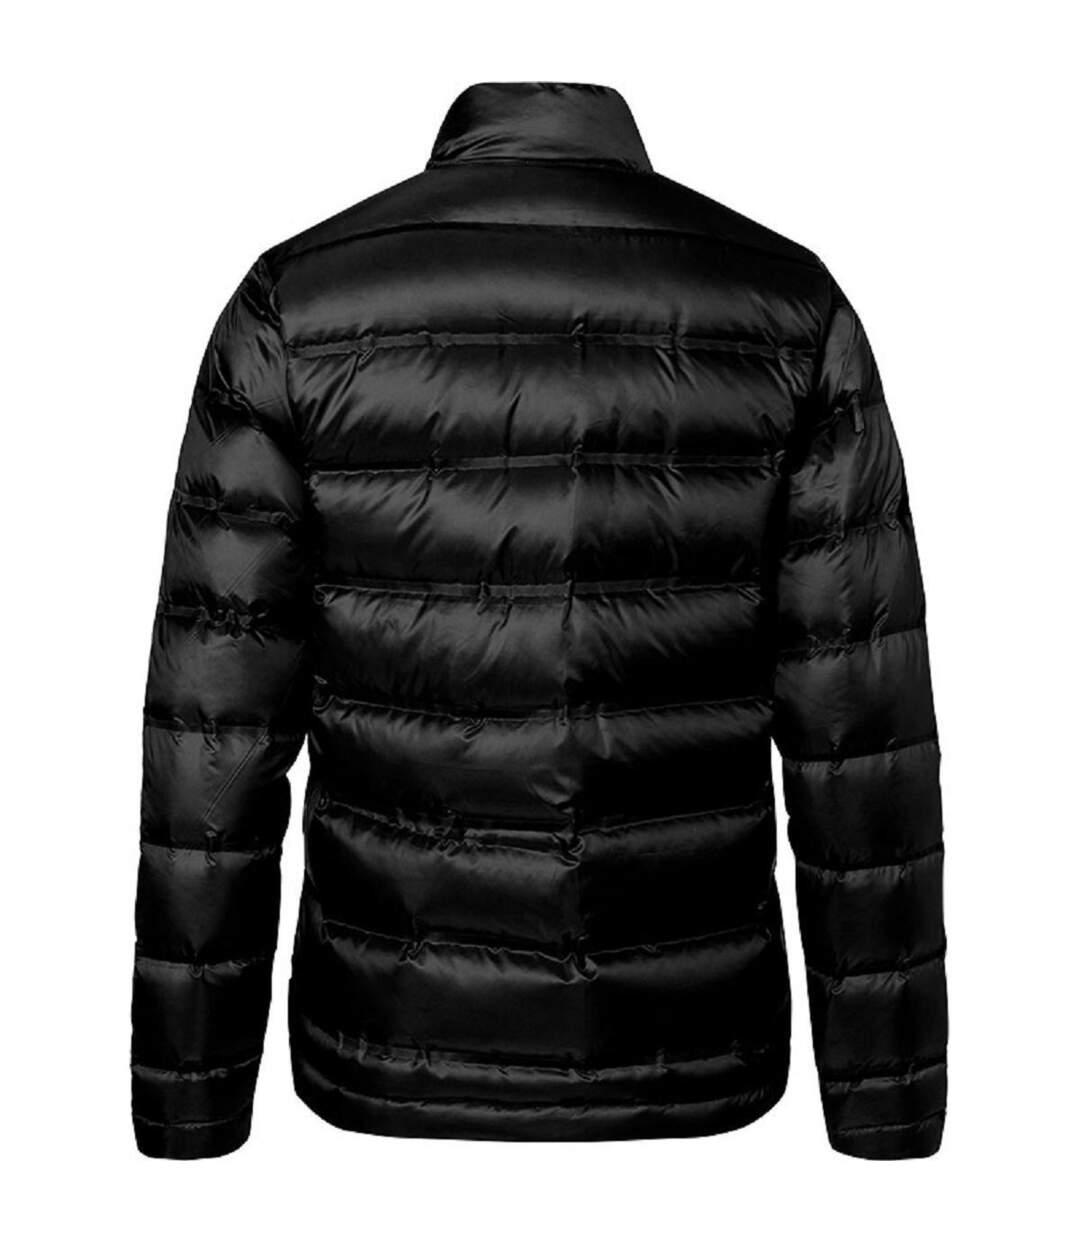 Doudoune homme légère - JN1150 - noir